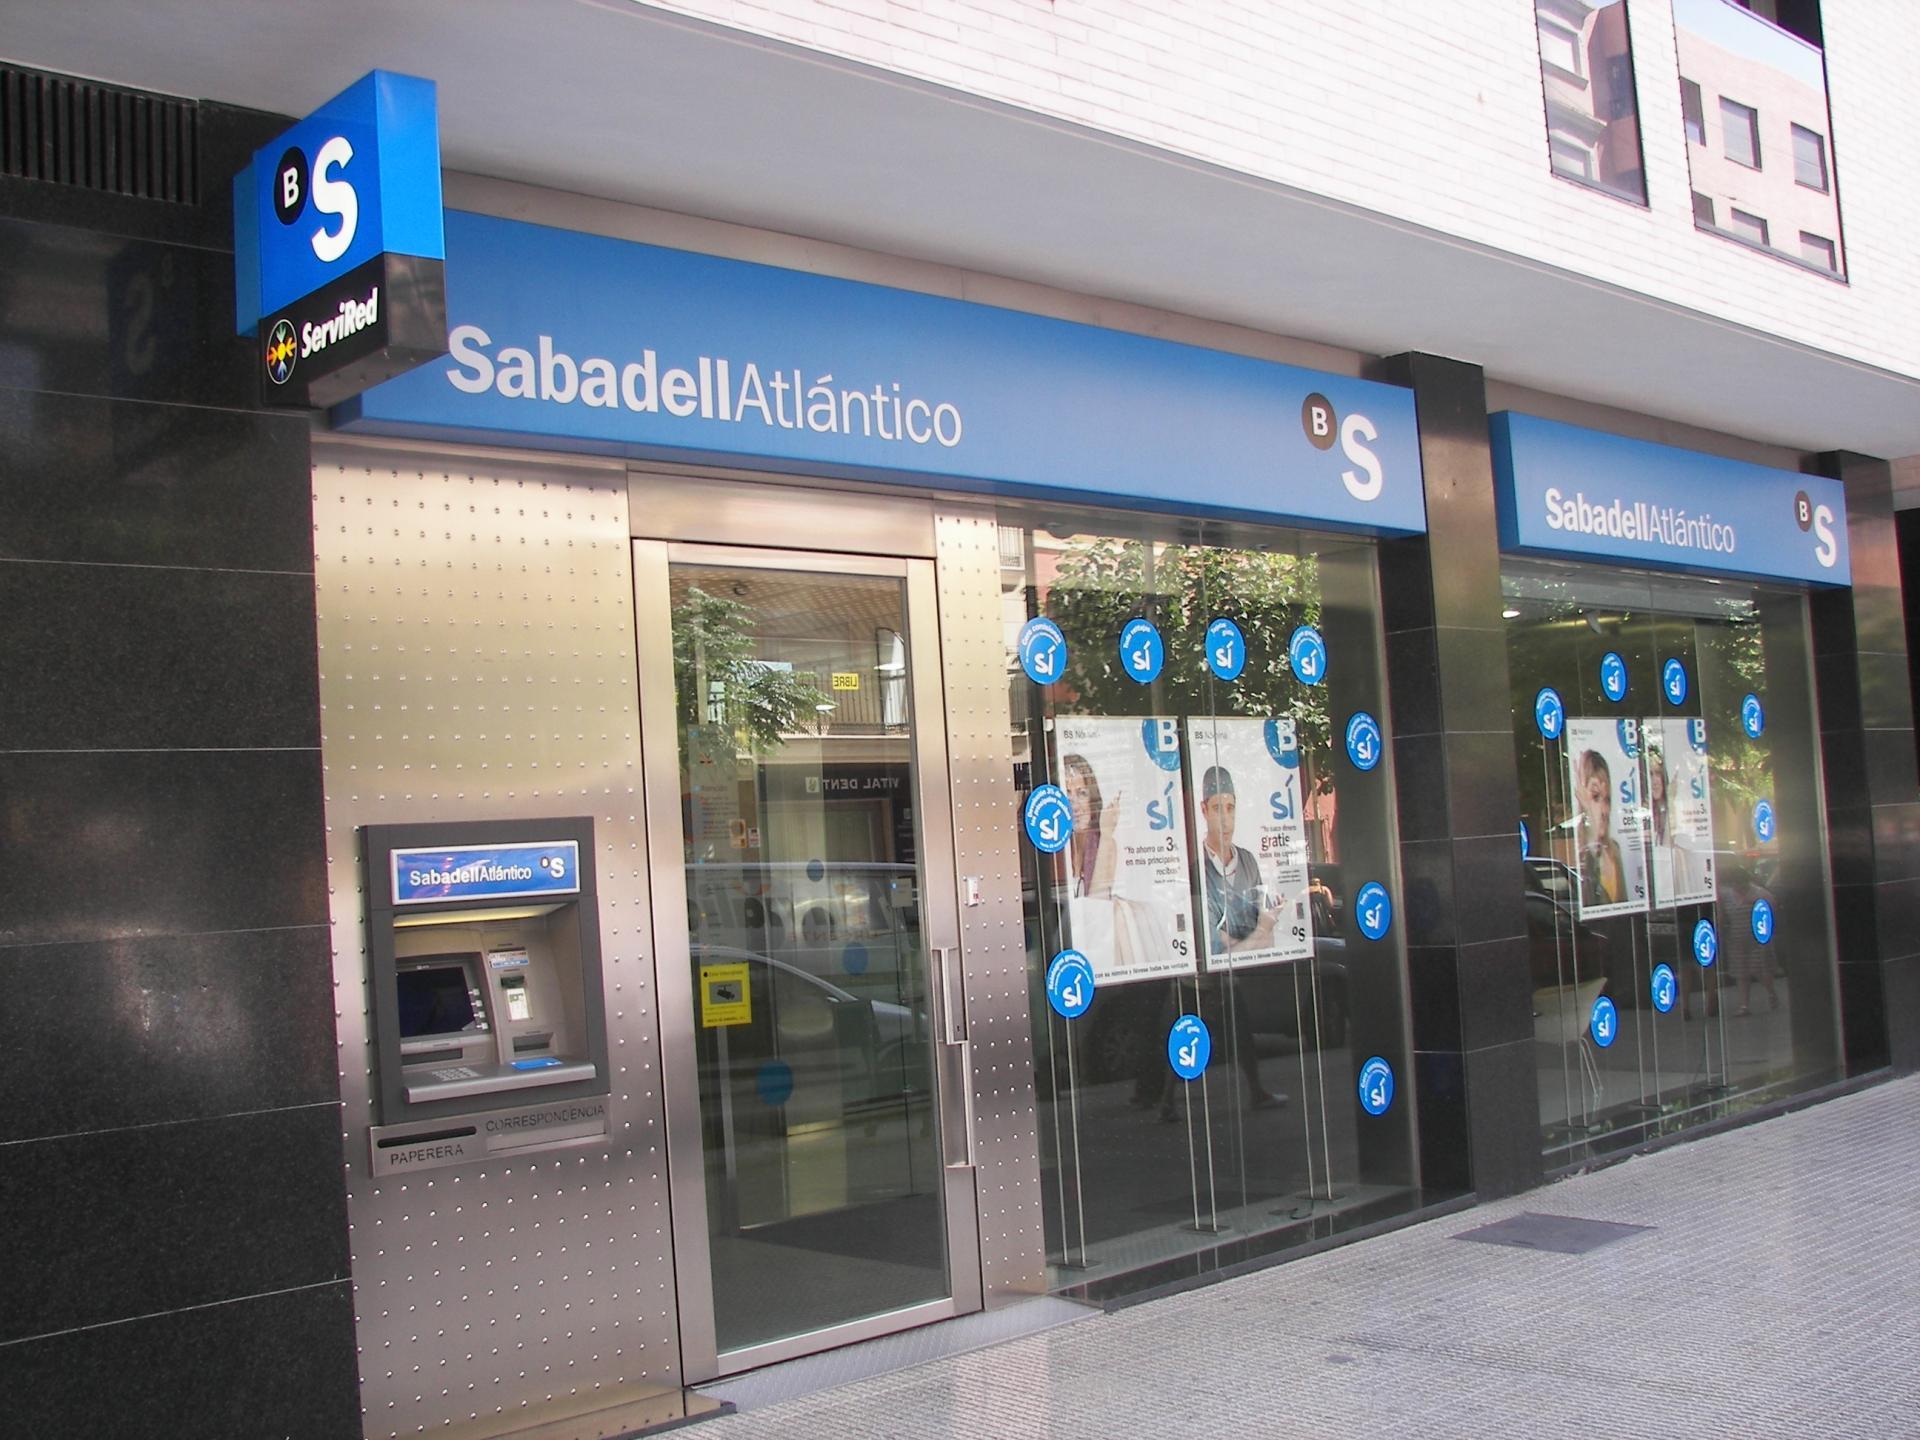 Sabadell4